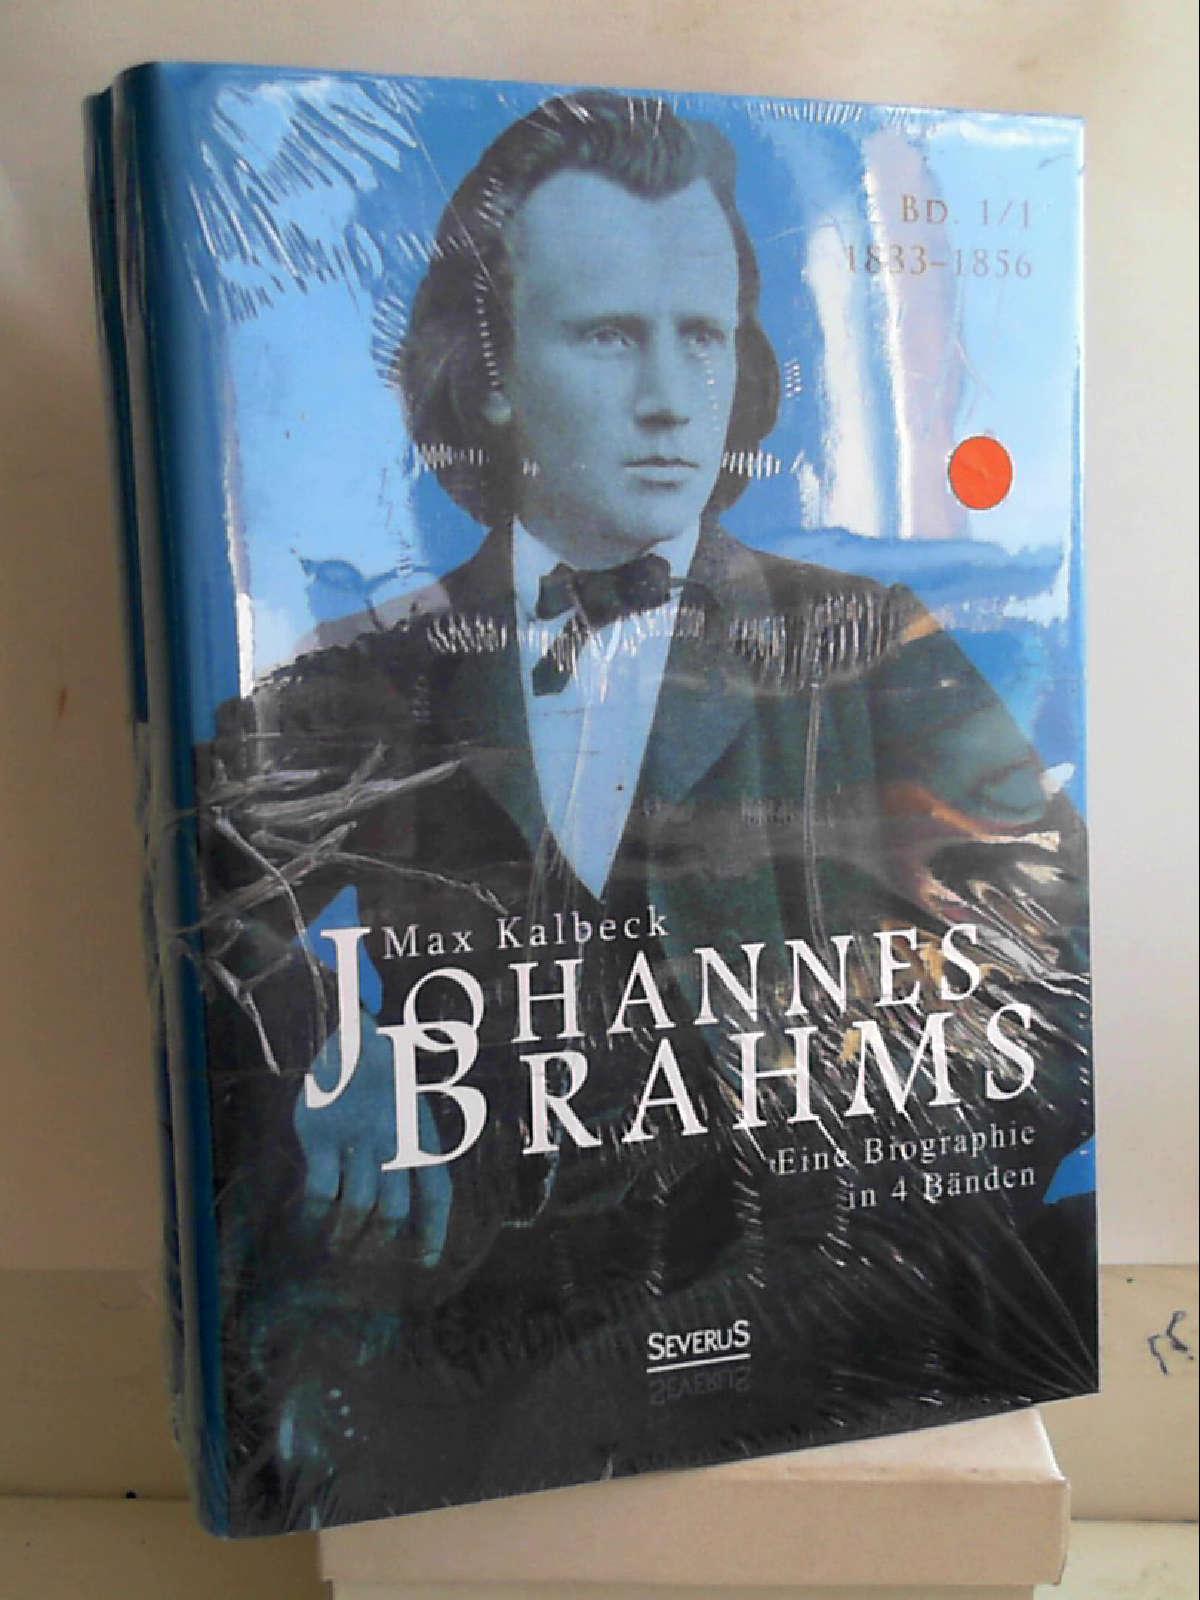 Johannes Brahms. Eine Biographie in vier Bänden. Band 1: Zwei Halbbände in einem Band [Hardcover] [Sep 01, 2013] Kalbeck, Max - Max Kalbeck